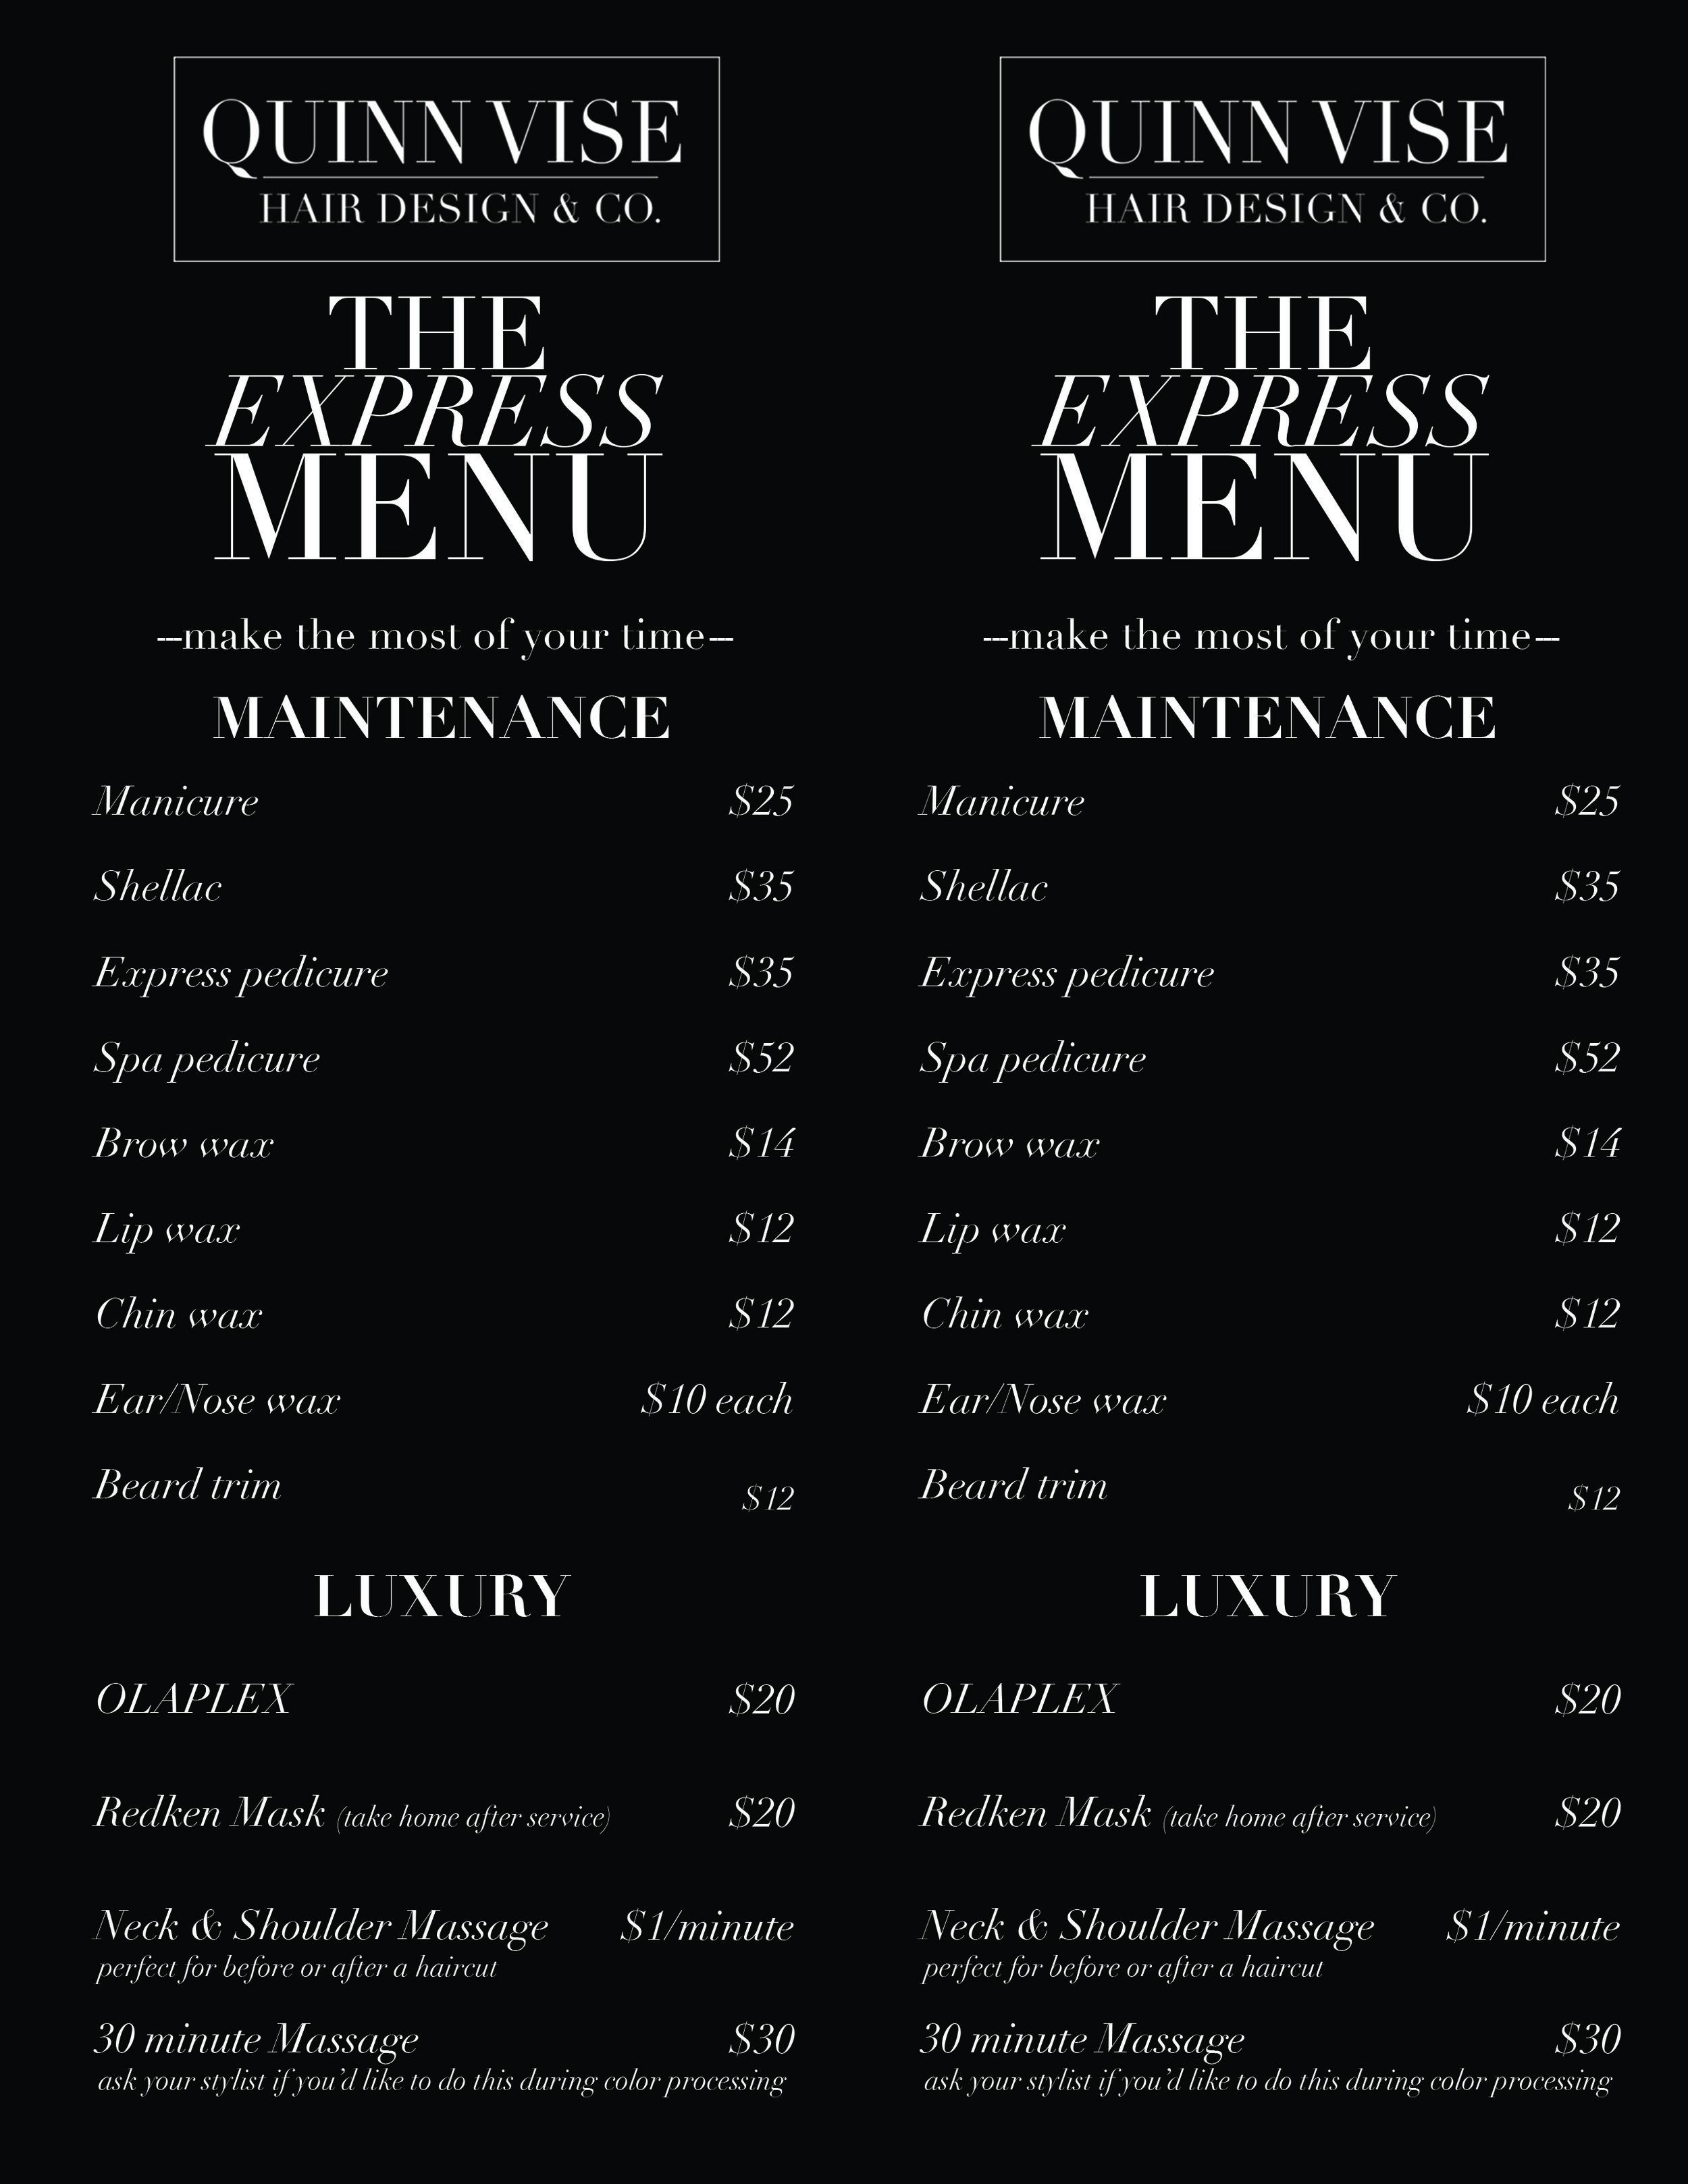 express-menu.jpg